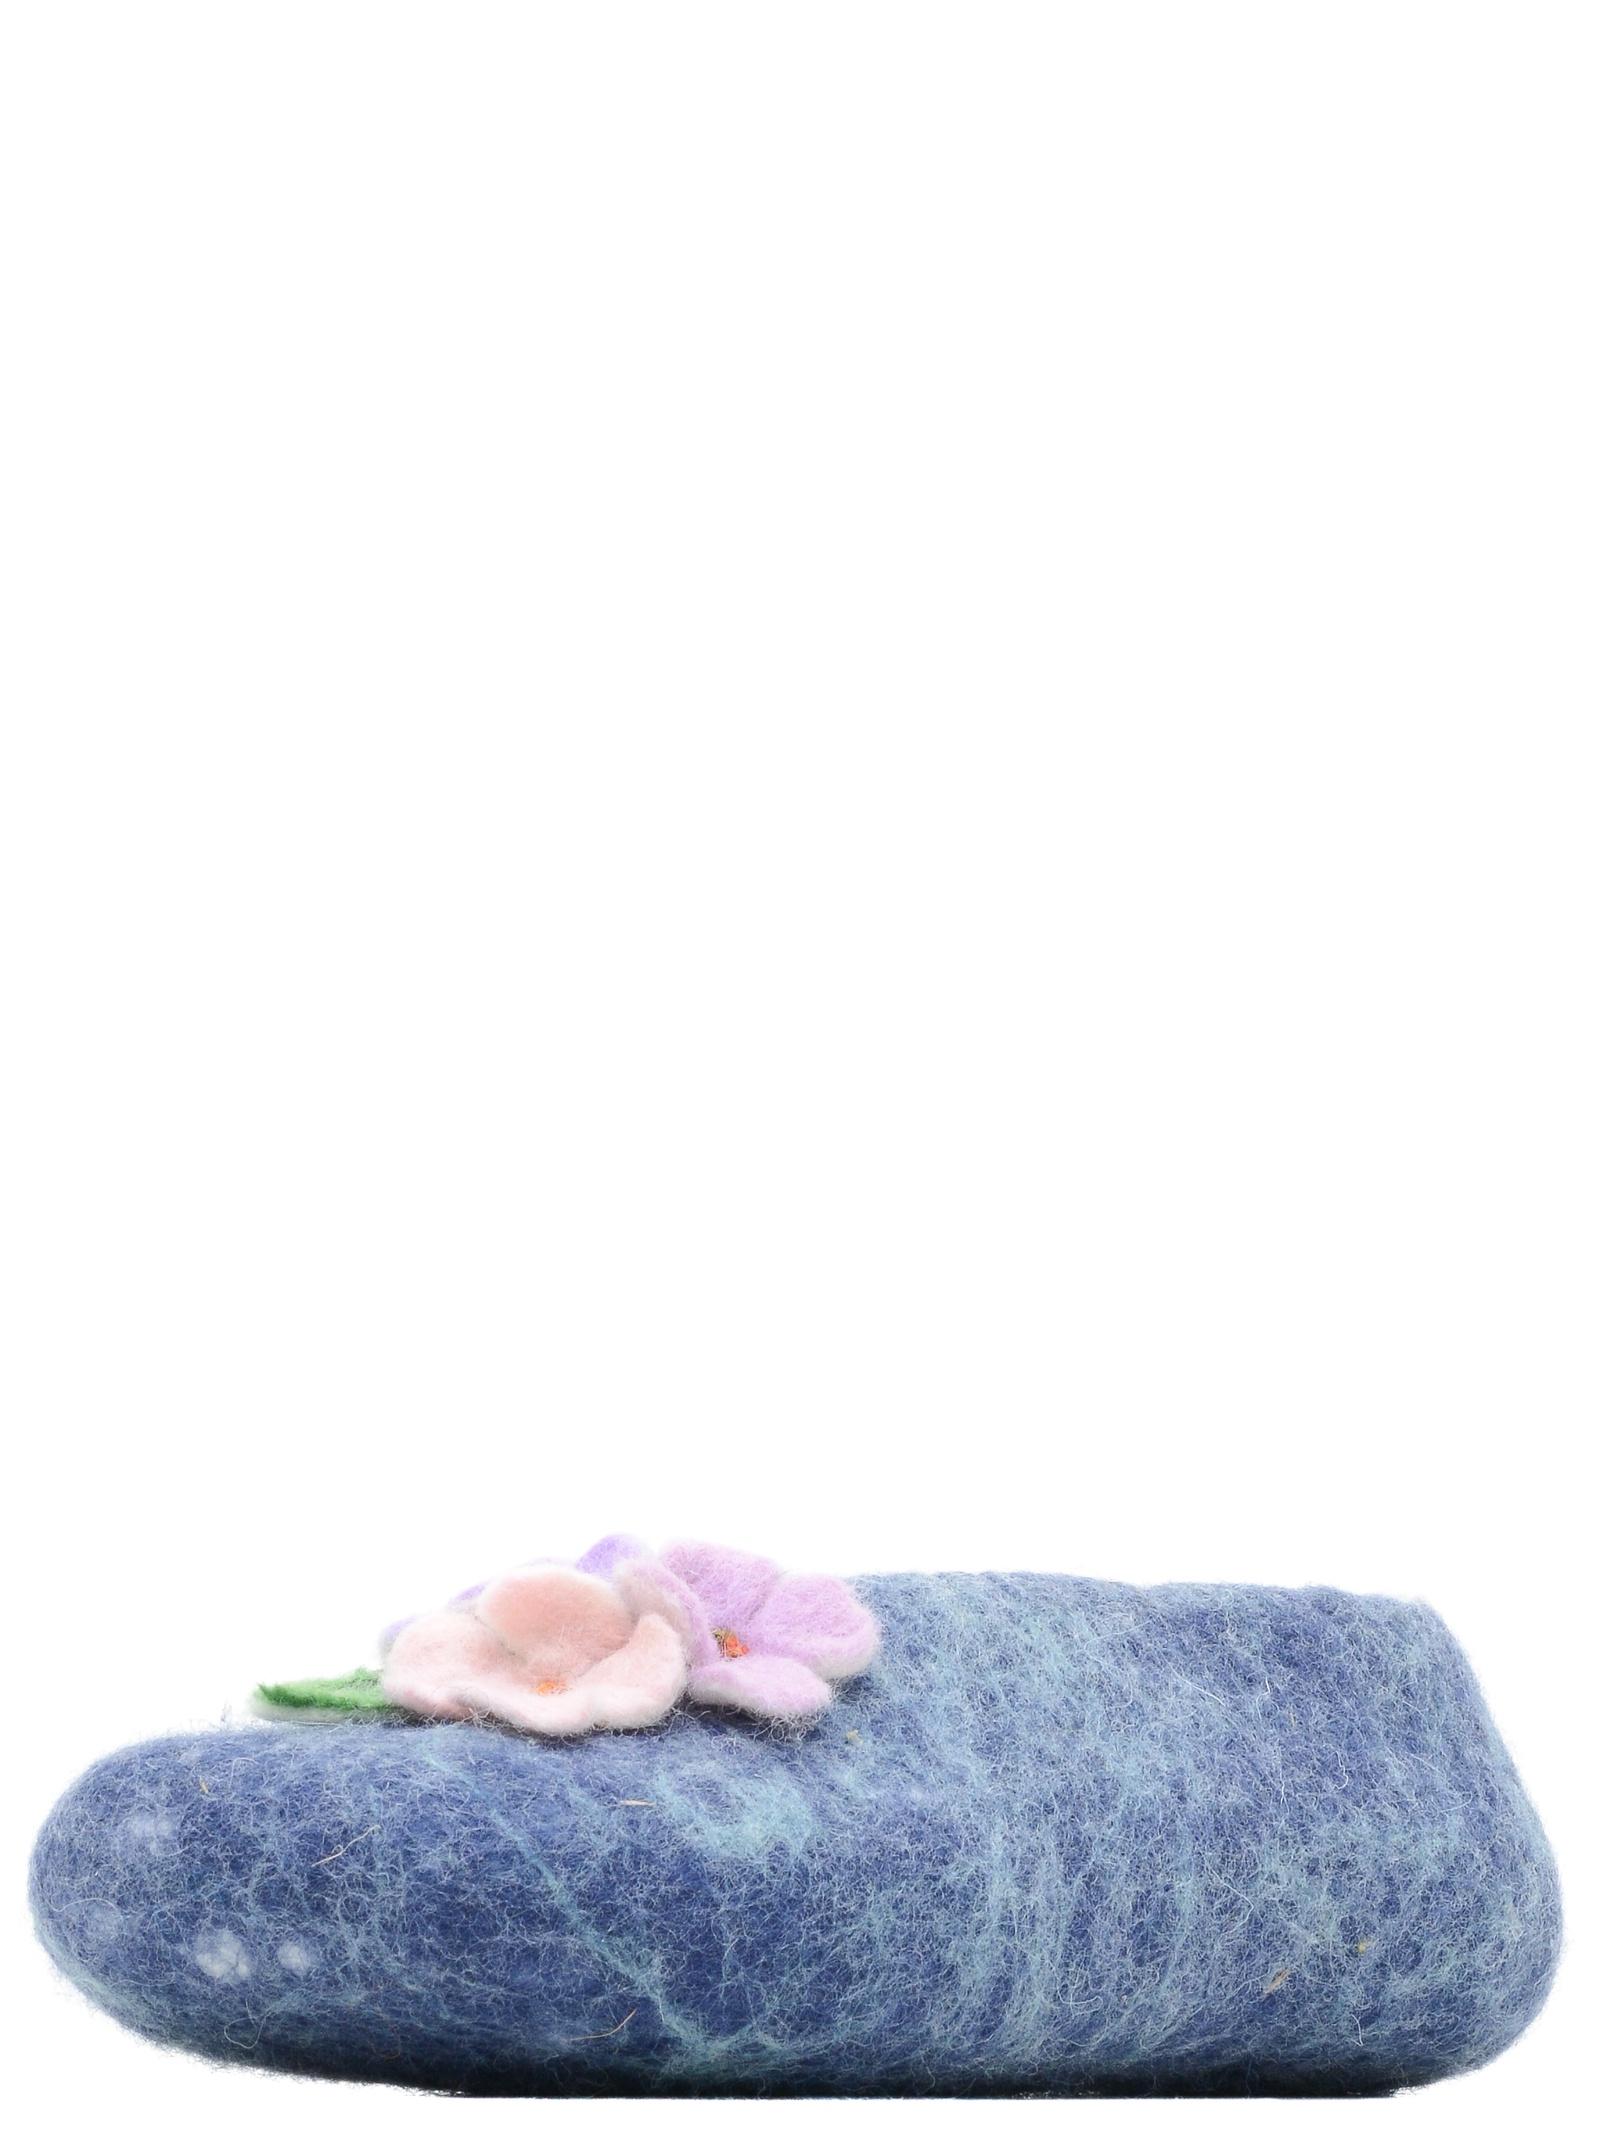 Тапочки Gewenst BA-Z002-39 темно-синий, мята, 39 размерBA-Z002-35Тапочки ручной работы из овечьей шерсти Австралийского мериноса.